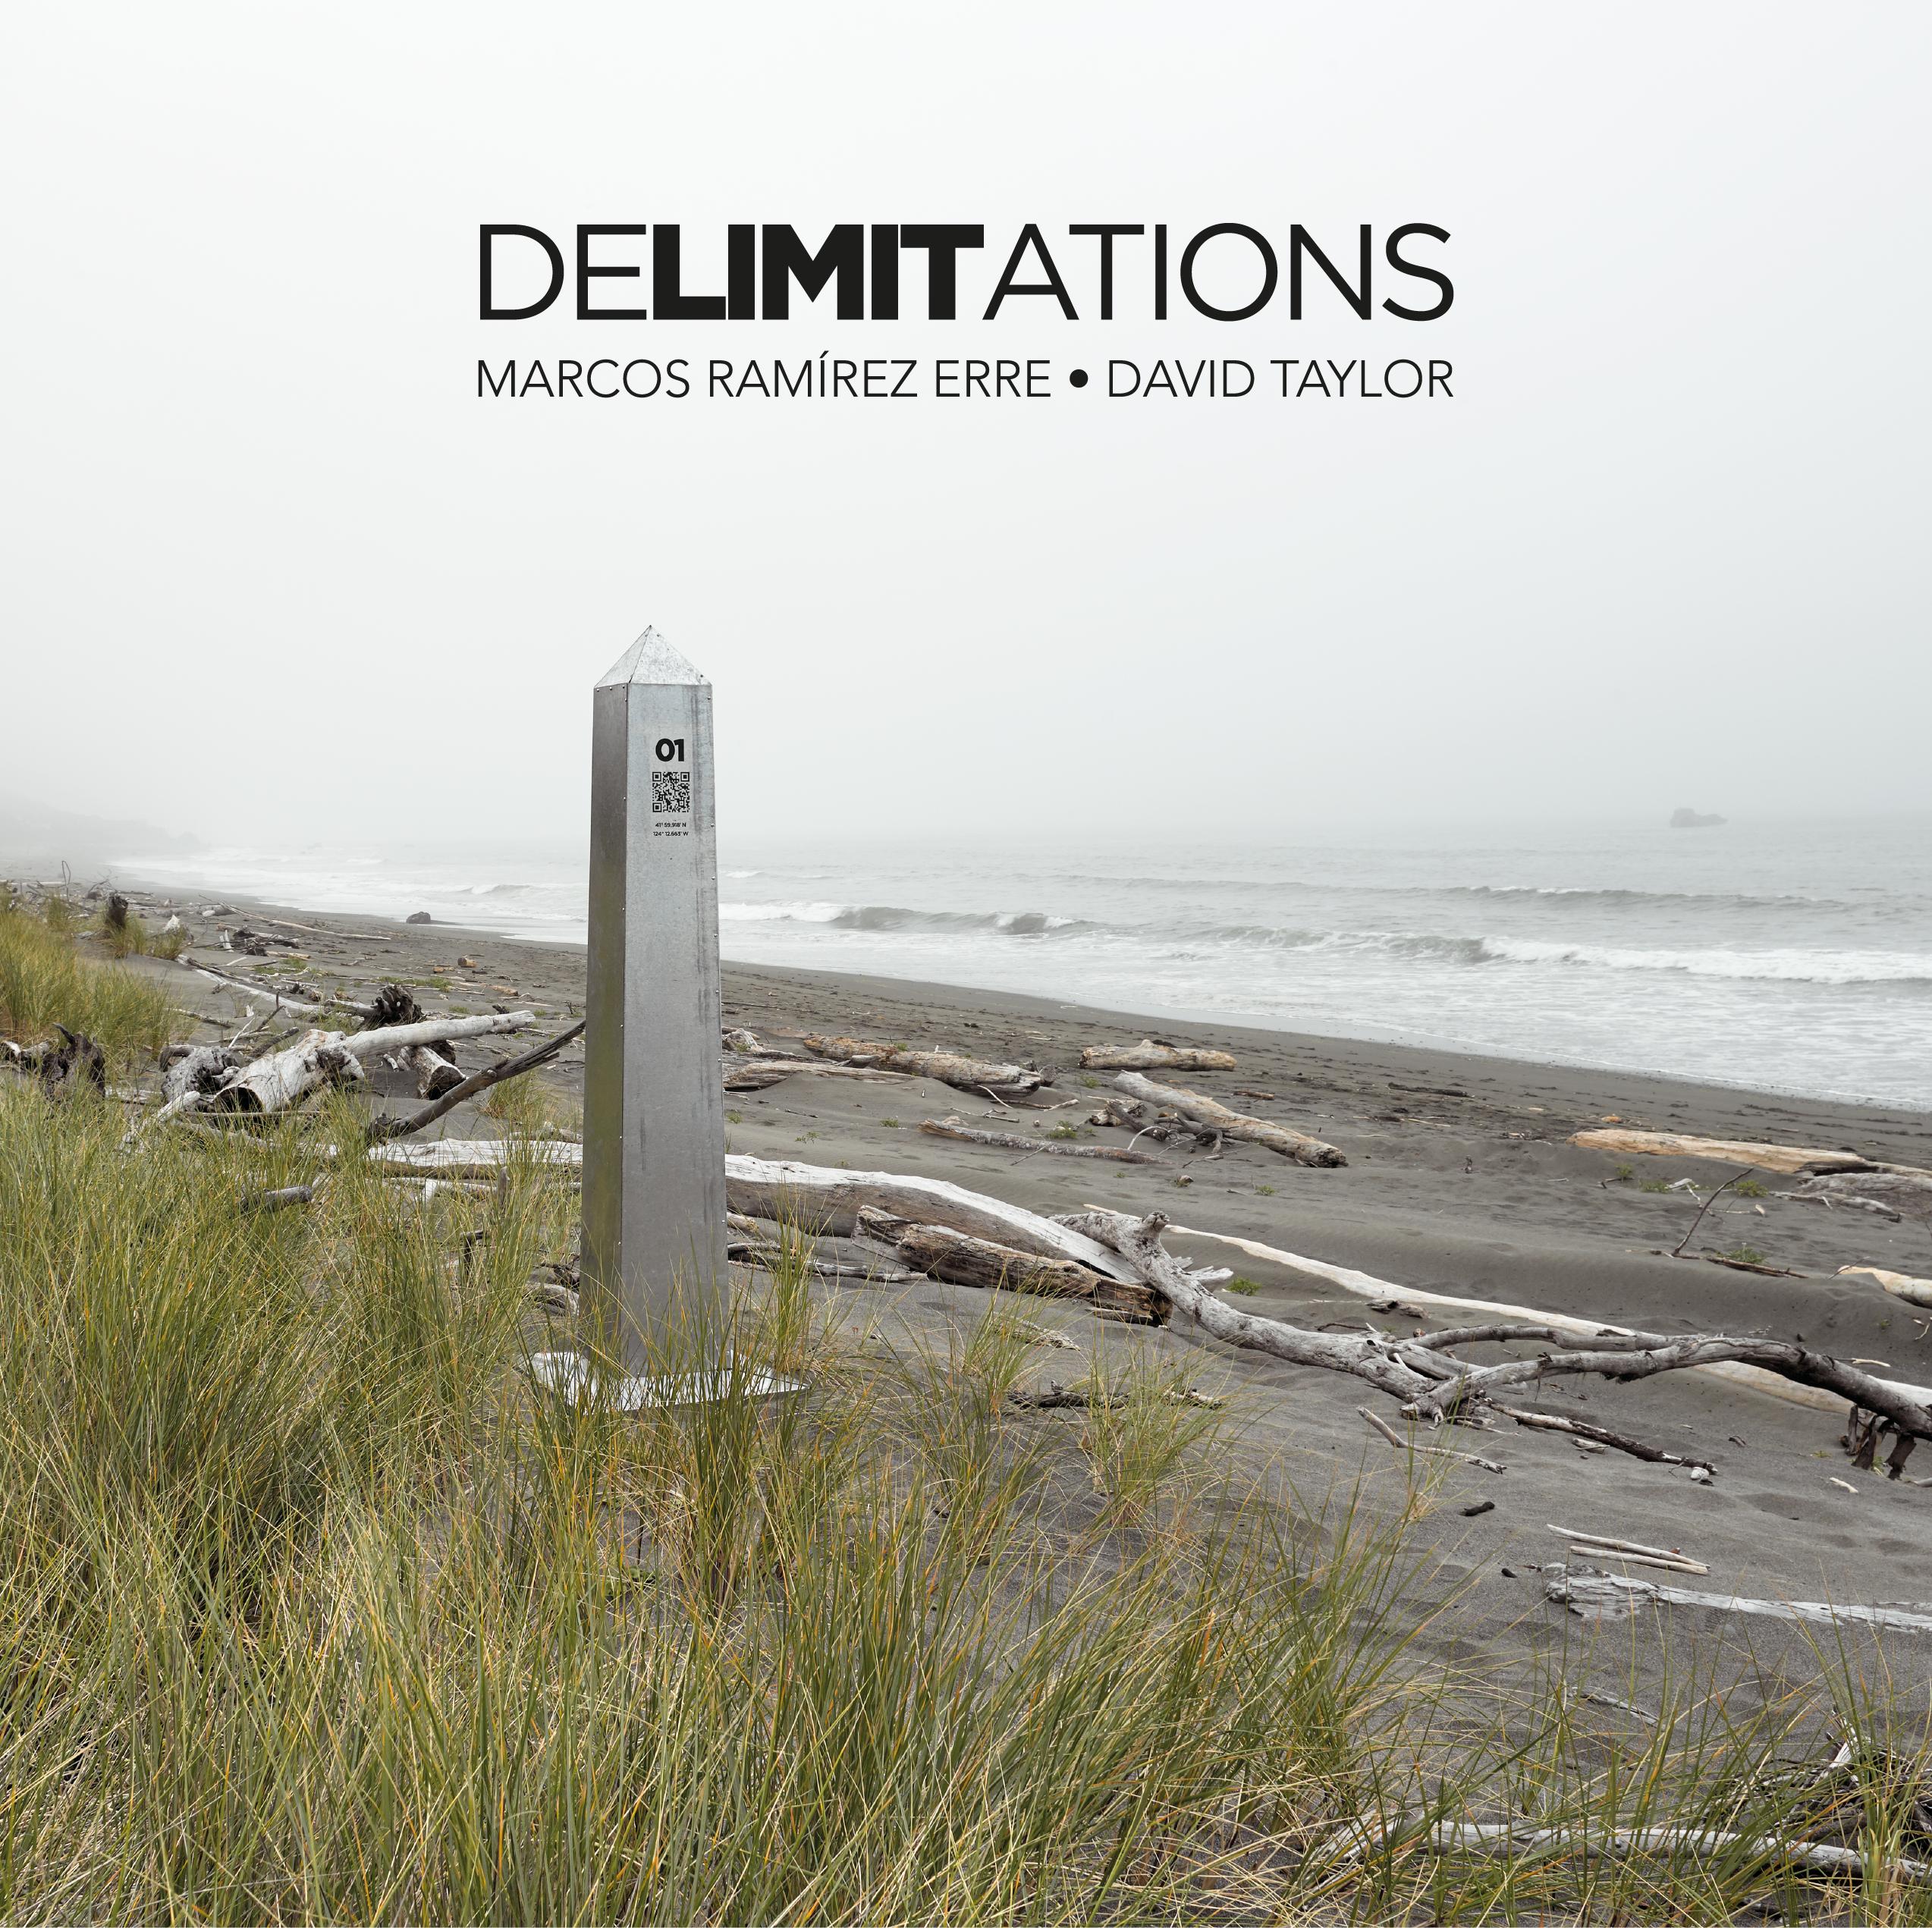 Delimitations